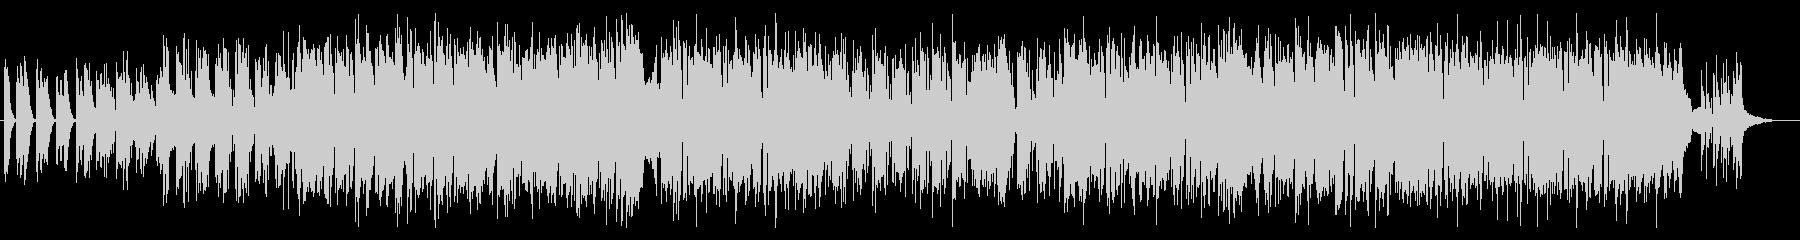 キラキラ系、テーマソング風8bitポップの未再生の波形